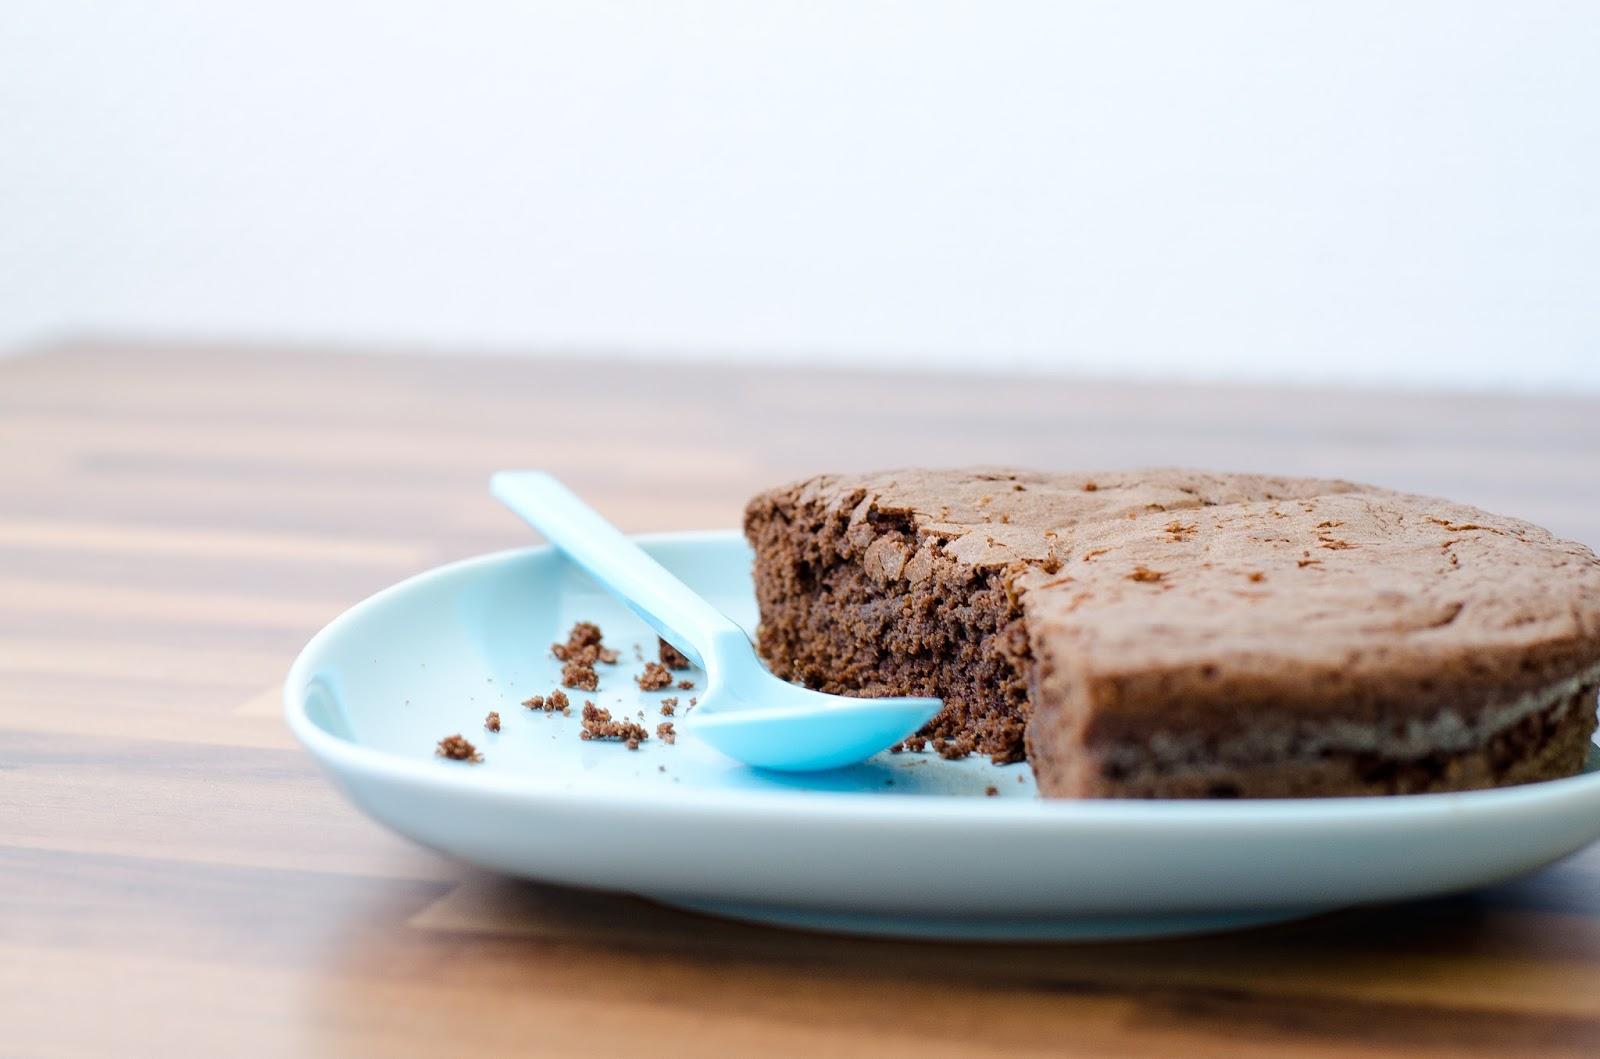 Mince je n'ai plus que 2 oeufs et j'ai un gâteau au chocolat à faire